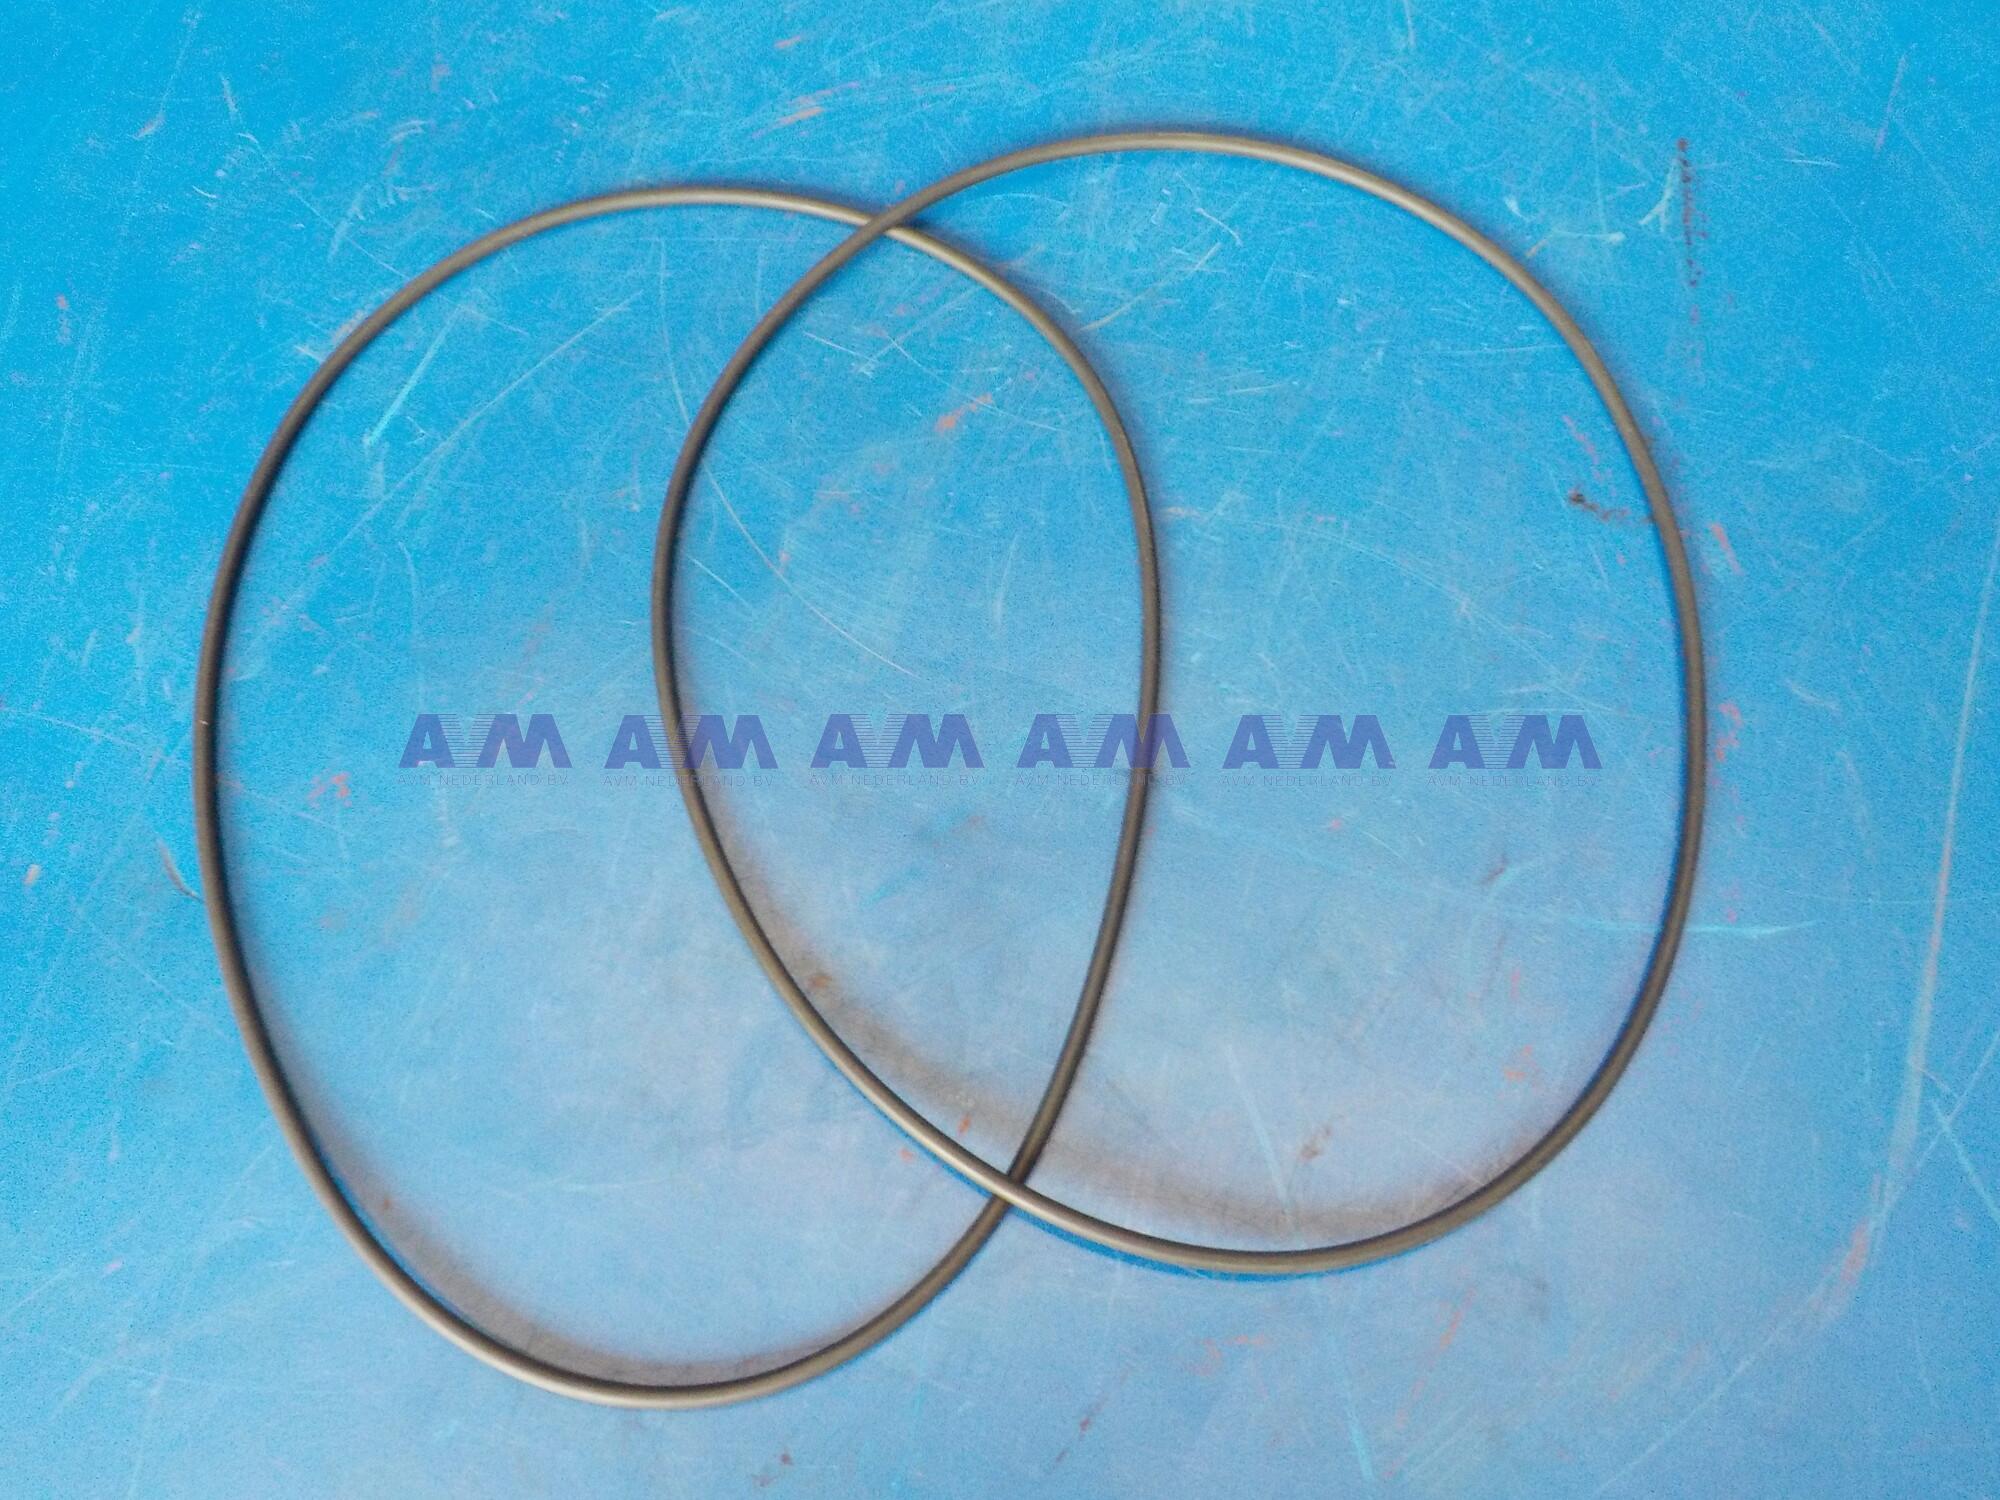 O-ring O275x4N Kessler